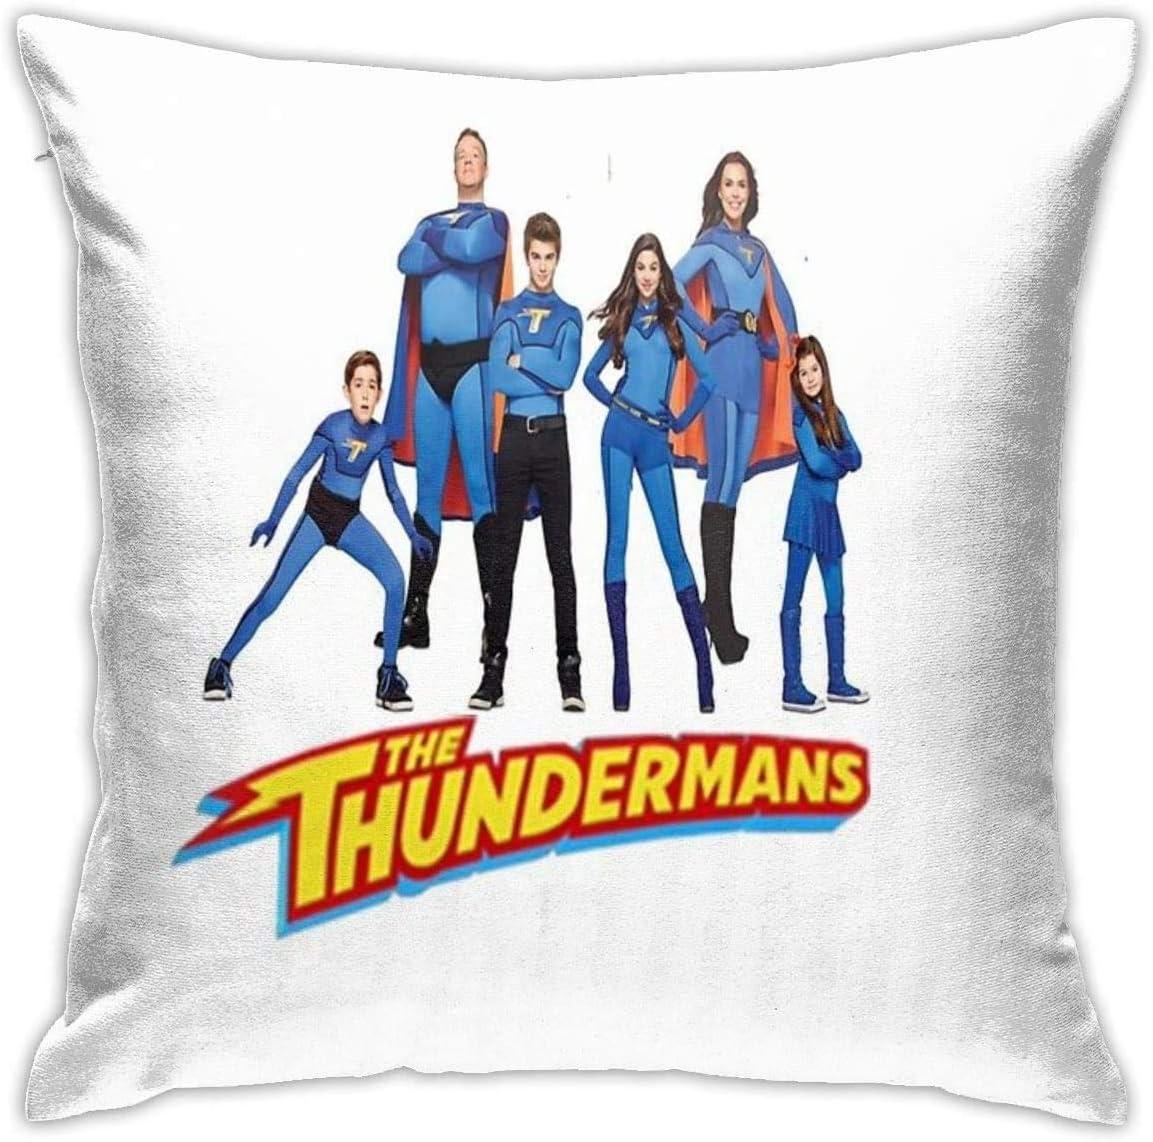 YPPDPP The Thundermans Square Pillow Cases Cubierta de cojín Throw Pillow Cover Funda cojine Home Bed Room Interior Decoración: Amazon.es: Hogar